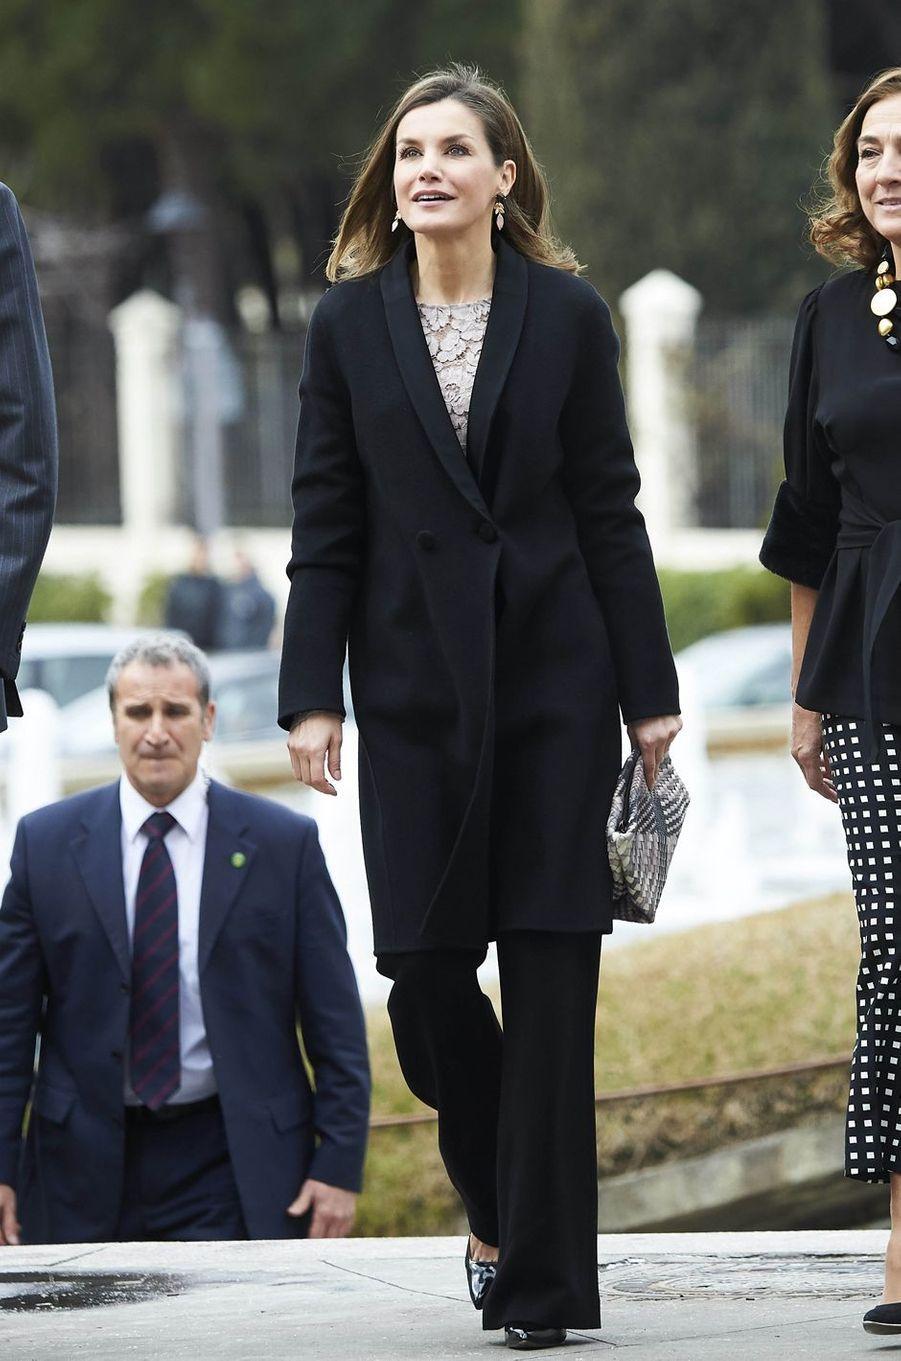 La reine Letizia d'Espagne arrive à Mostoles, le 12 février 2018